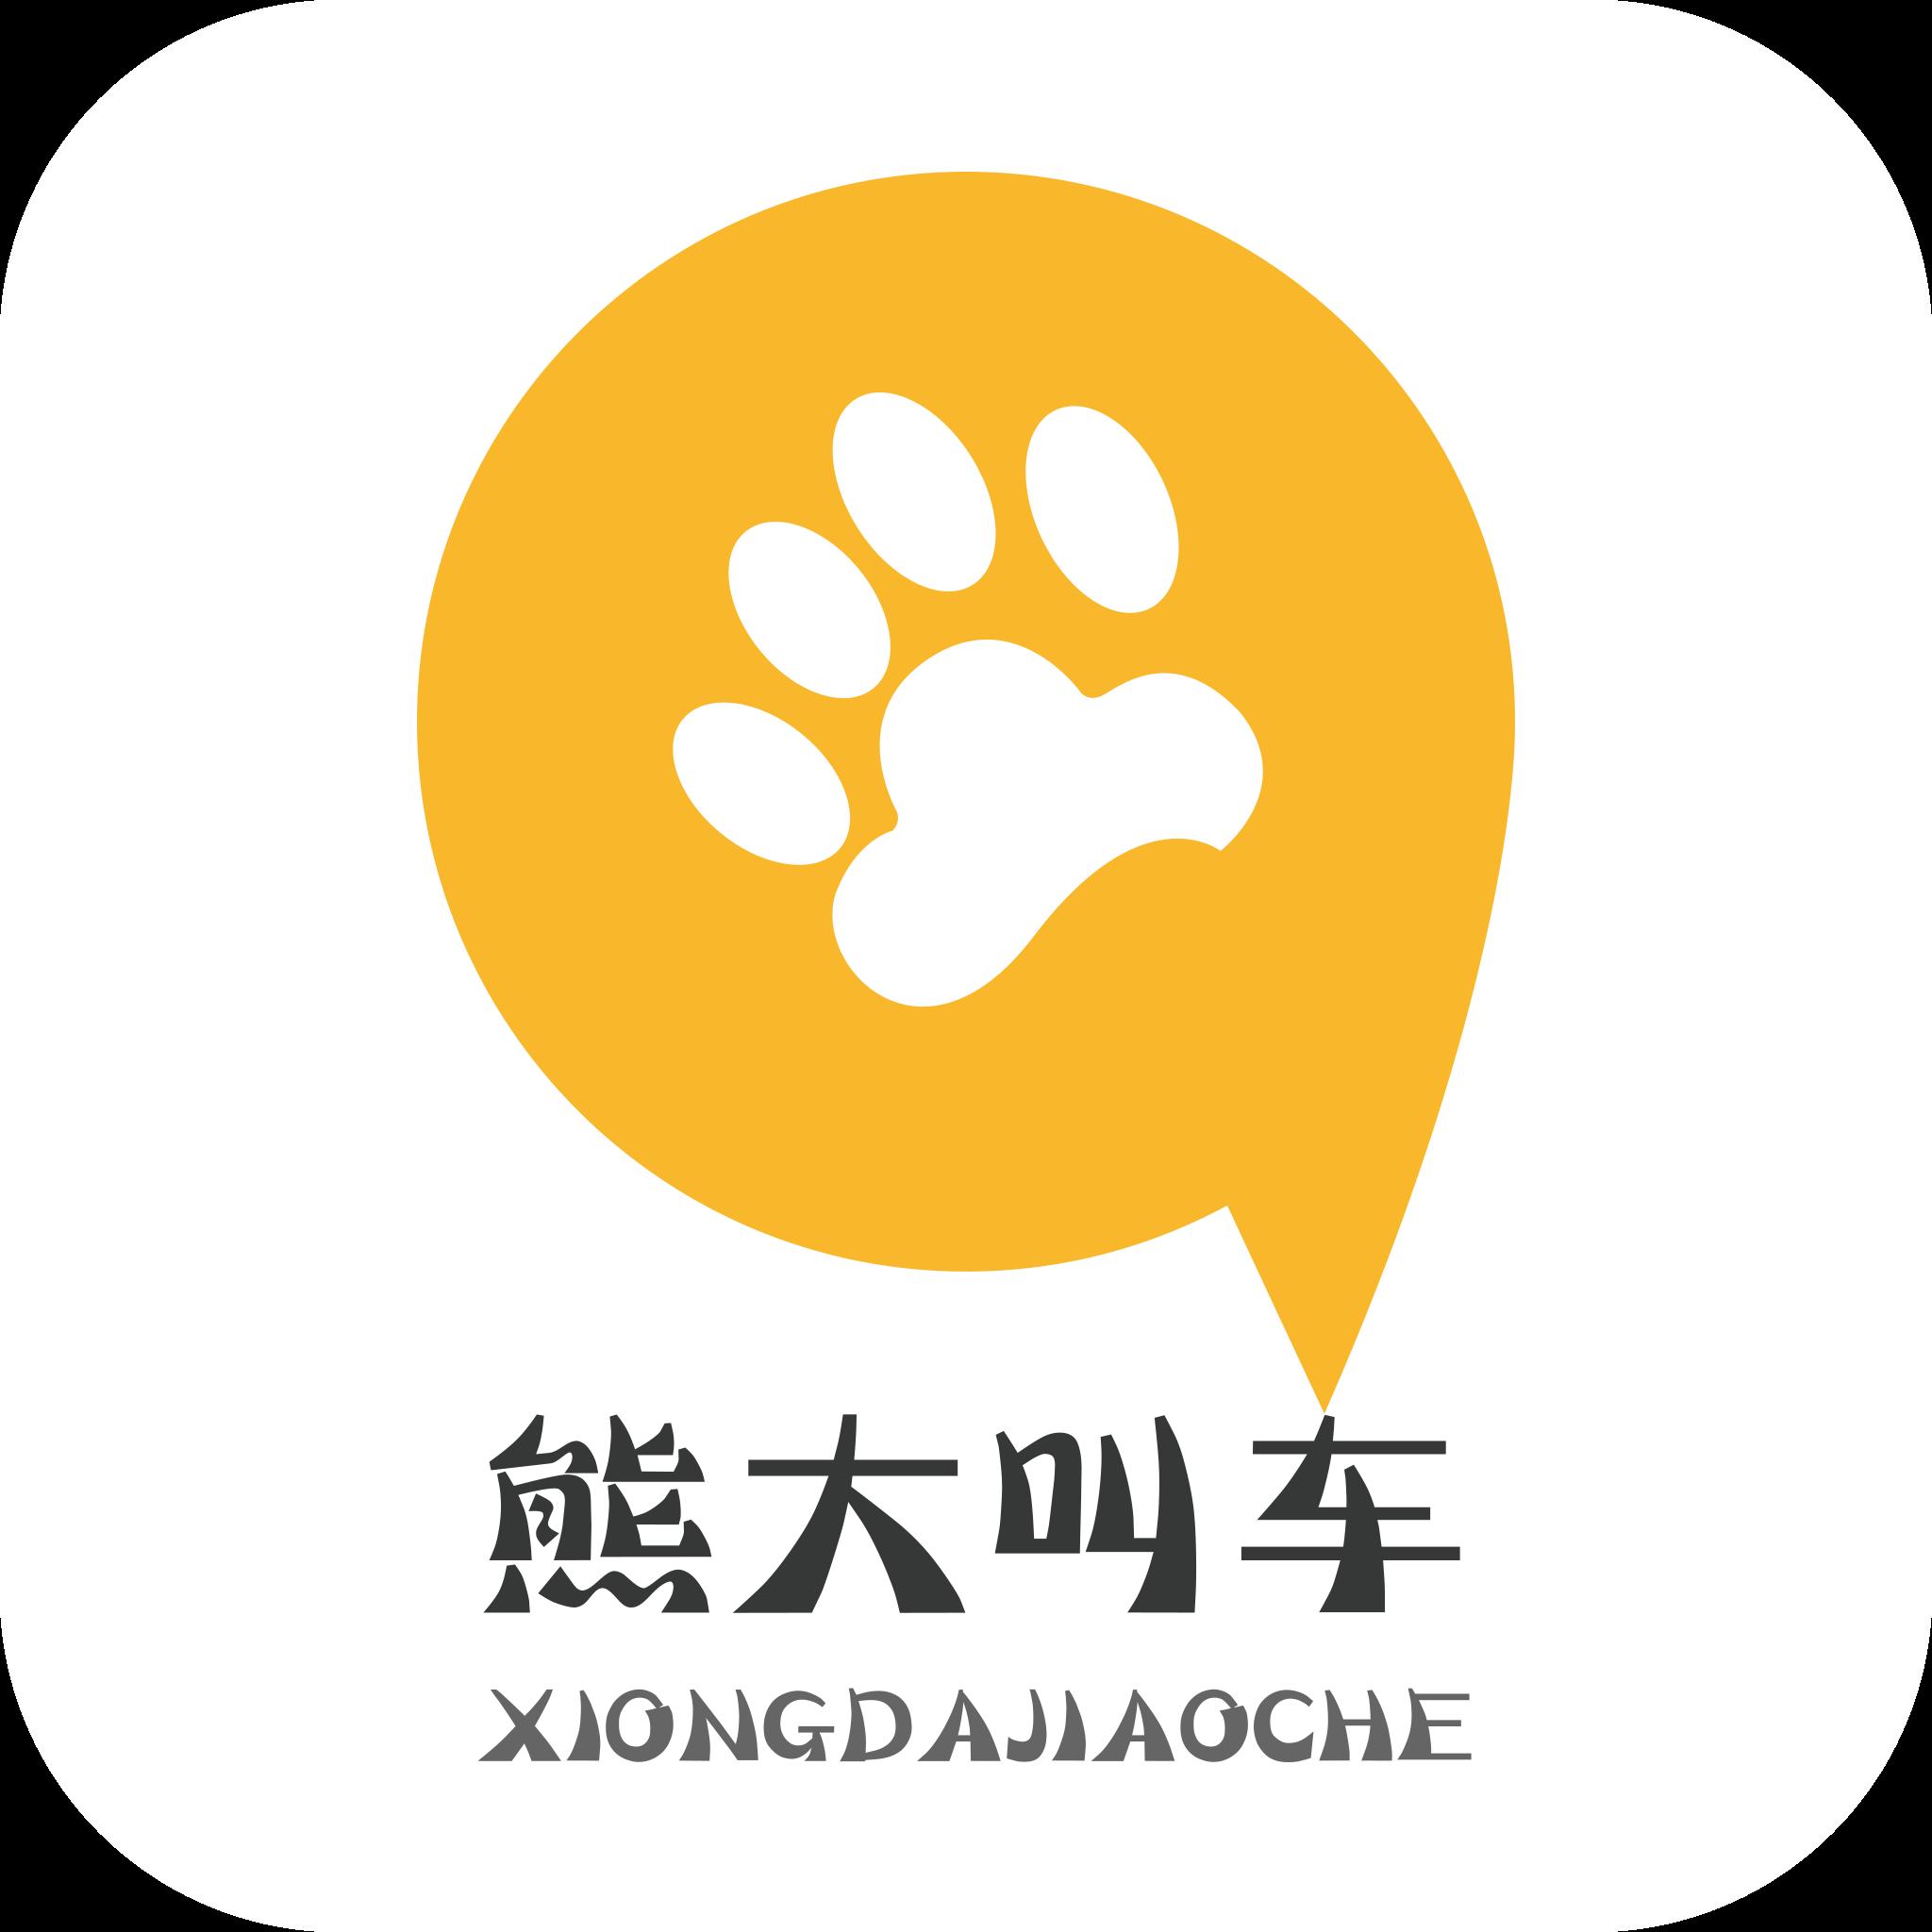 熊大叫车司机端安卓版下载-熊大叫车司机端appv1.1 最新版